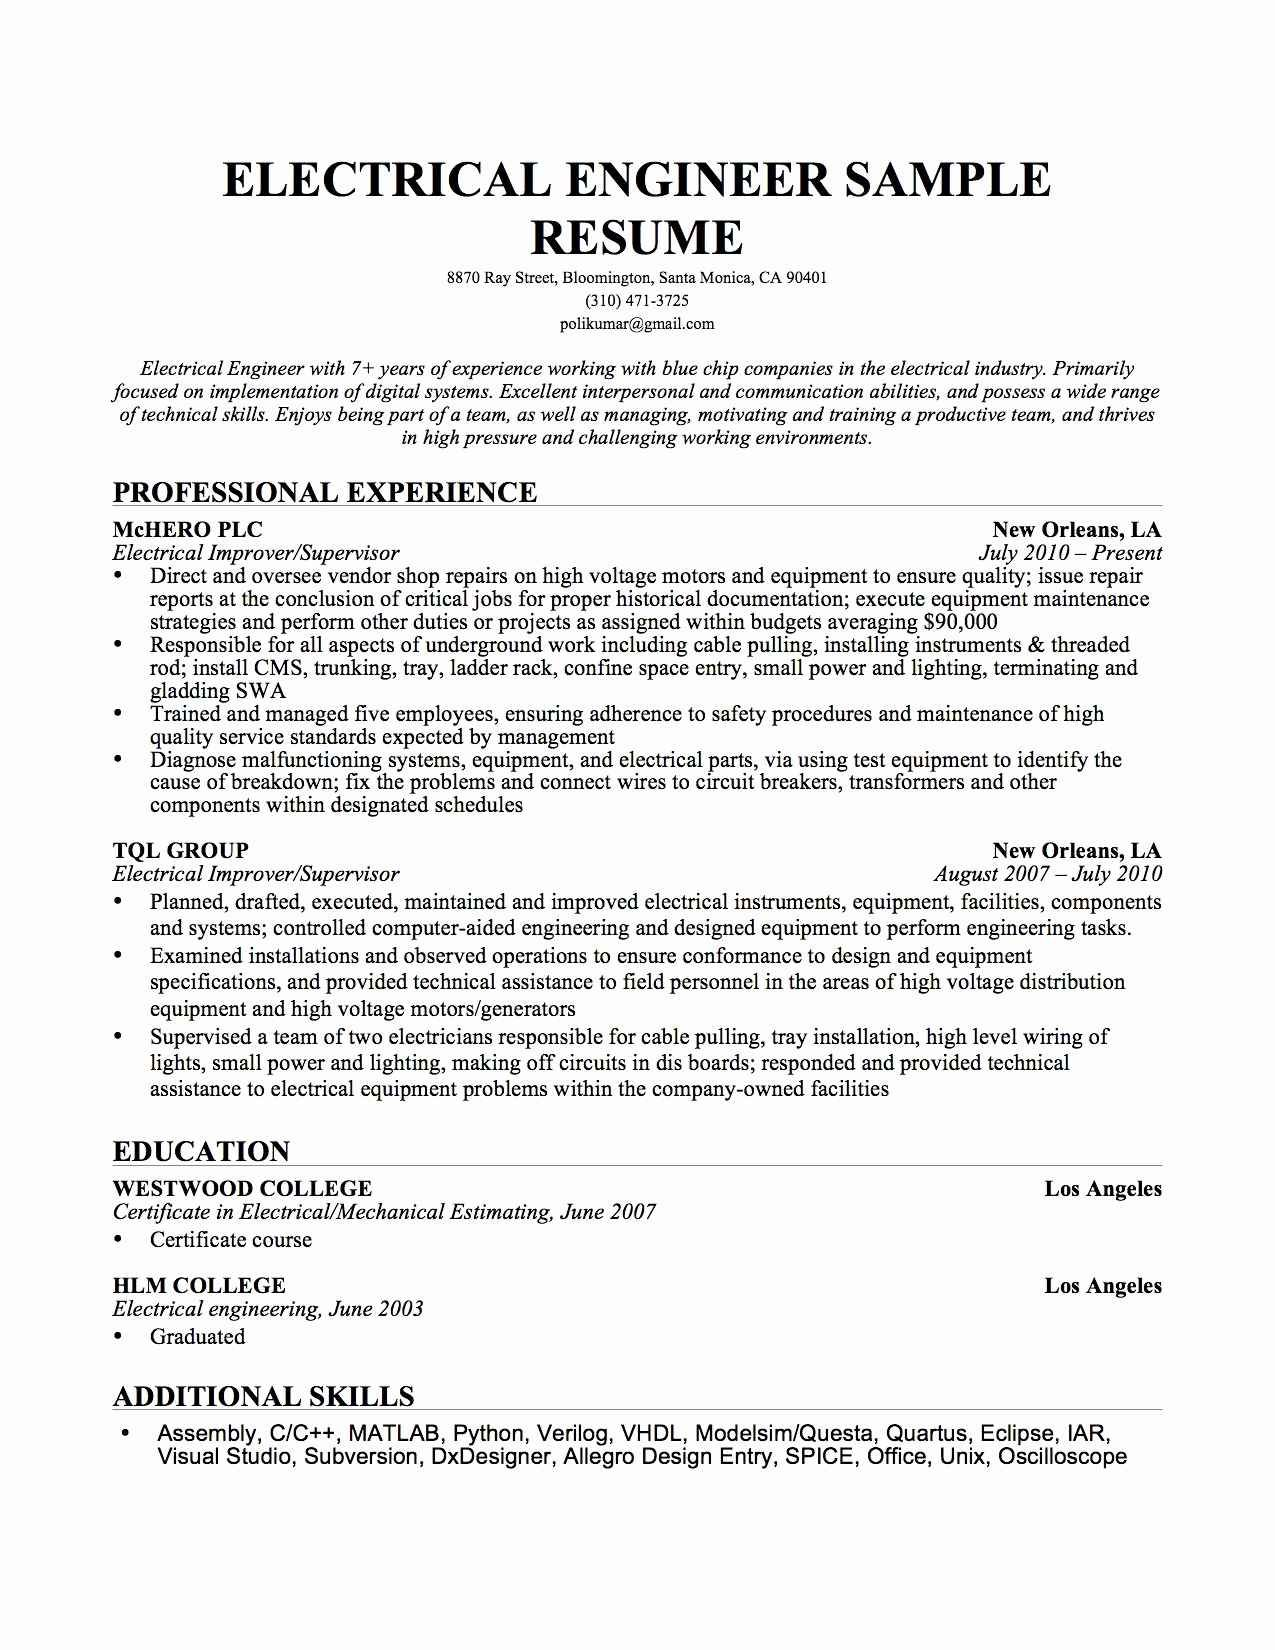 Xlri Engineering Resume Sample Resume Resume Skills